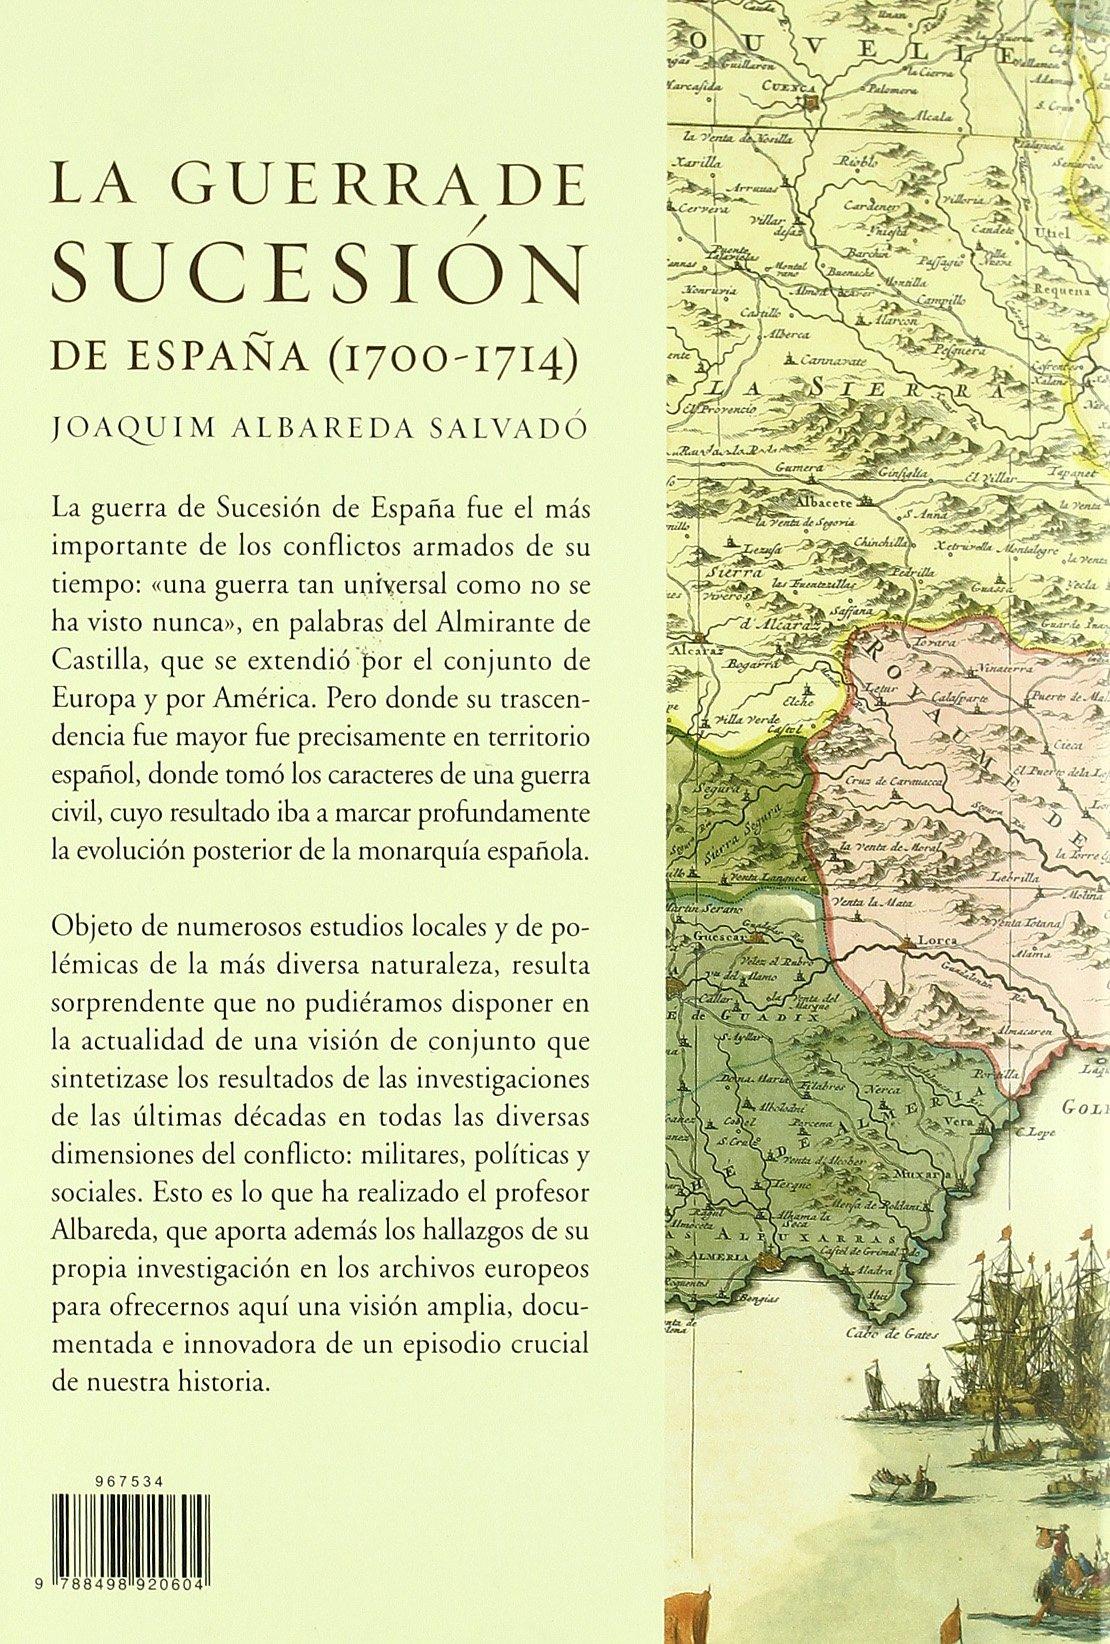 La guerra de Sucesión en España 1700-1714 Serie Mayor: Amazon.es: Albareda Salvadó, Joaquim: Libros